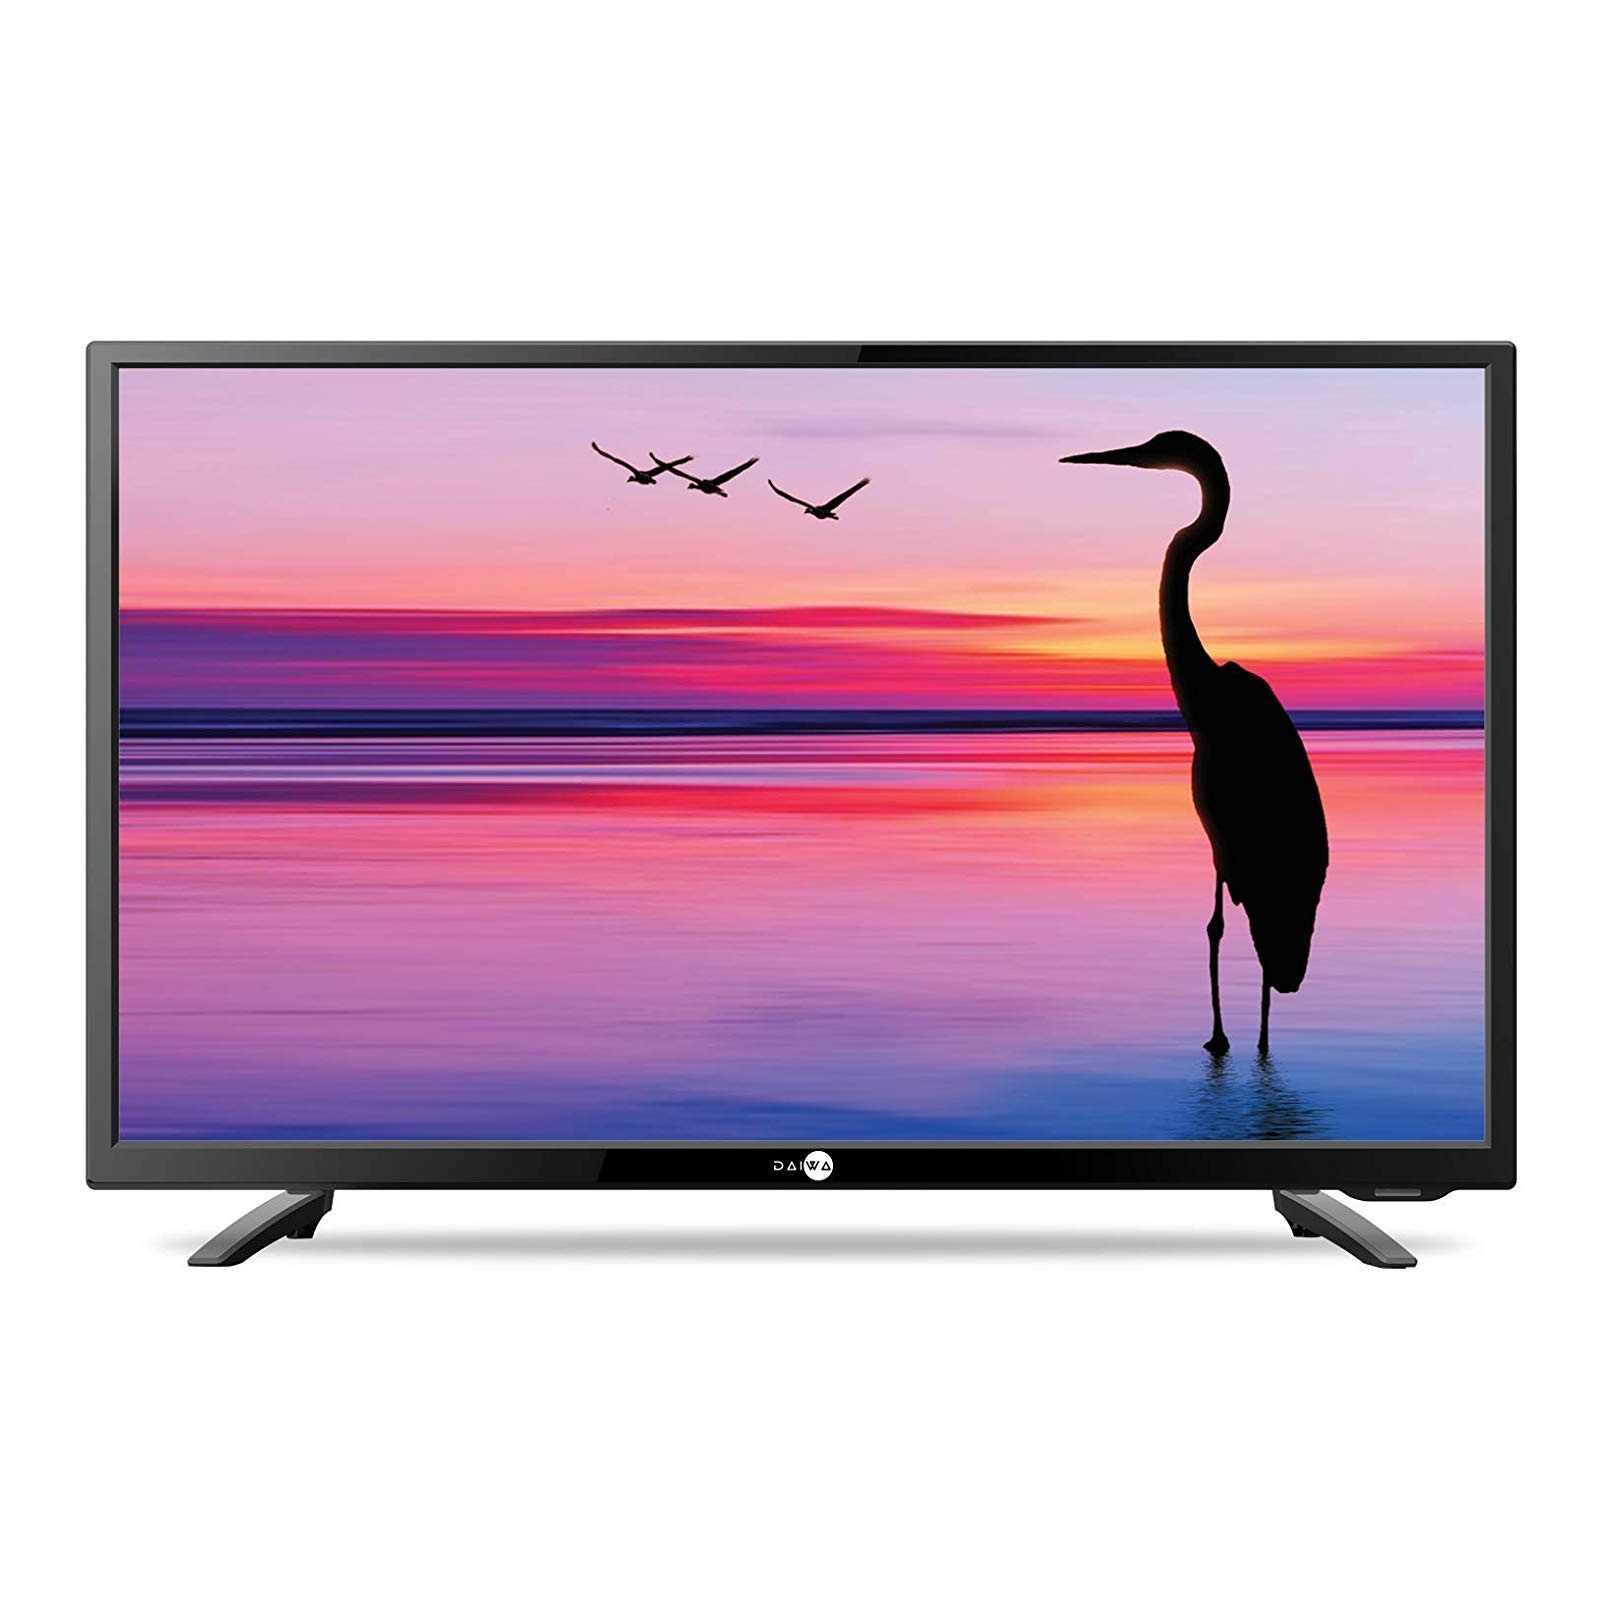 Daiwa D32A10 32 Inch HD Ready LED Television